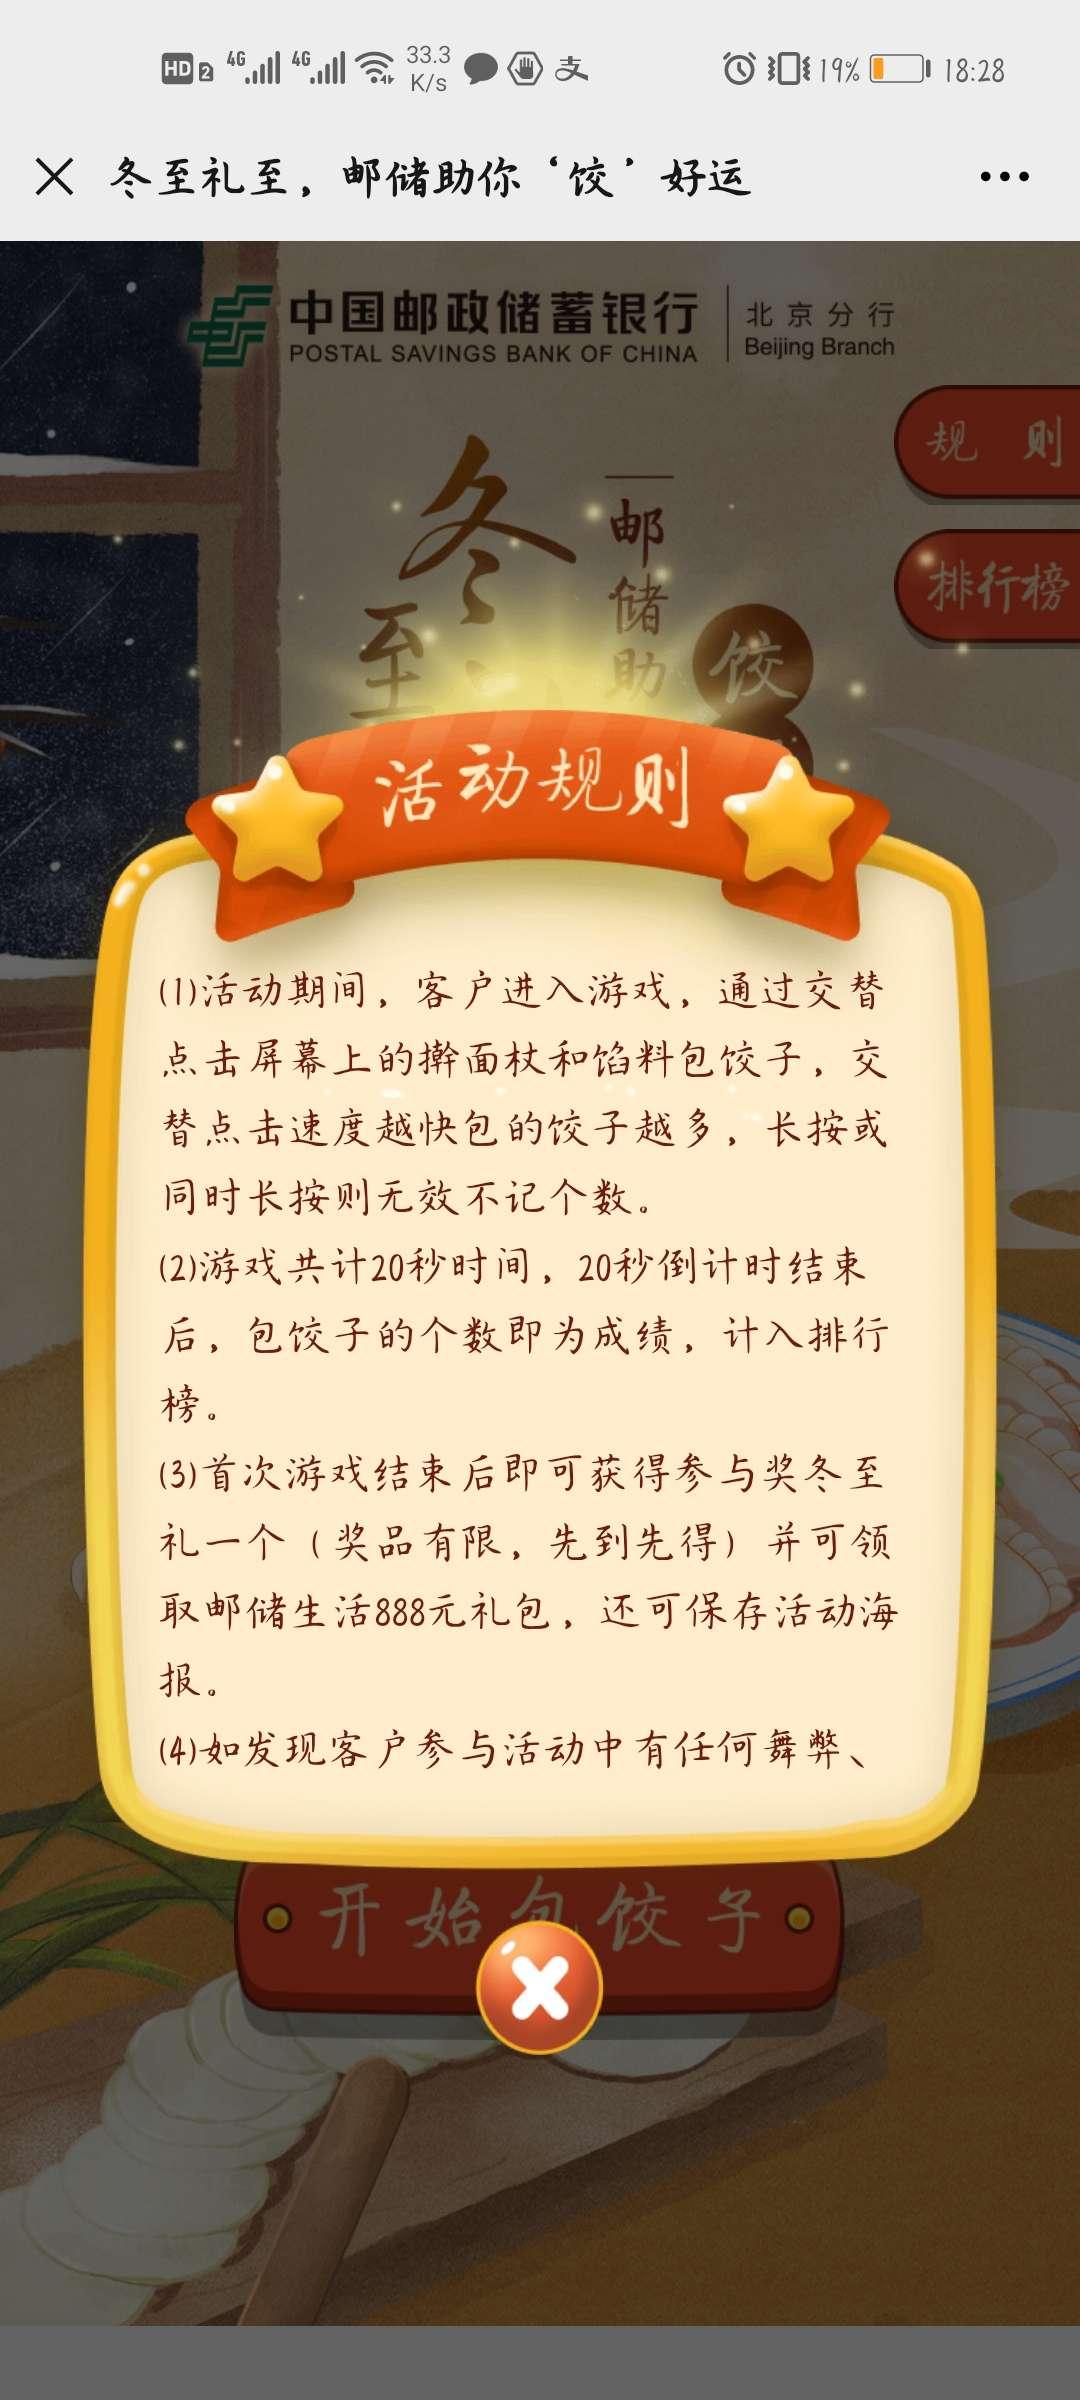 图片[3]-邮储银行北京分行做活动领红包-老友薅羊毛活动线报网